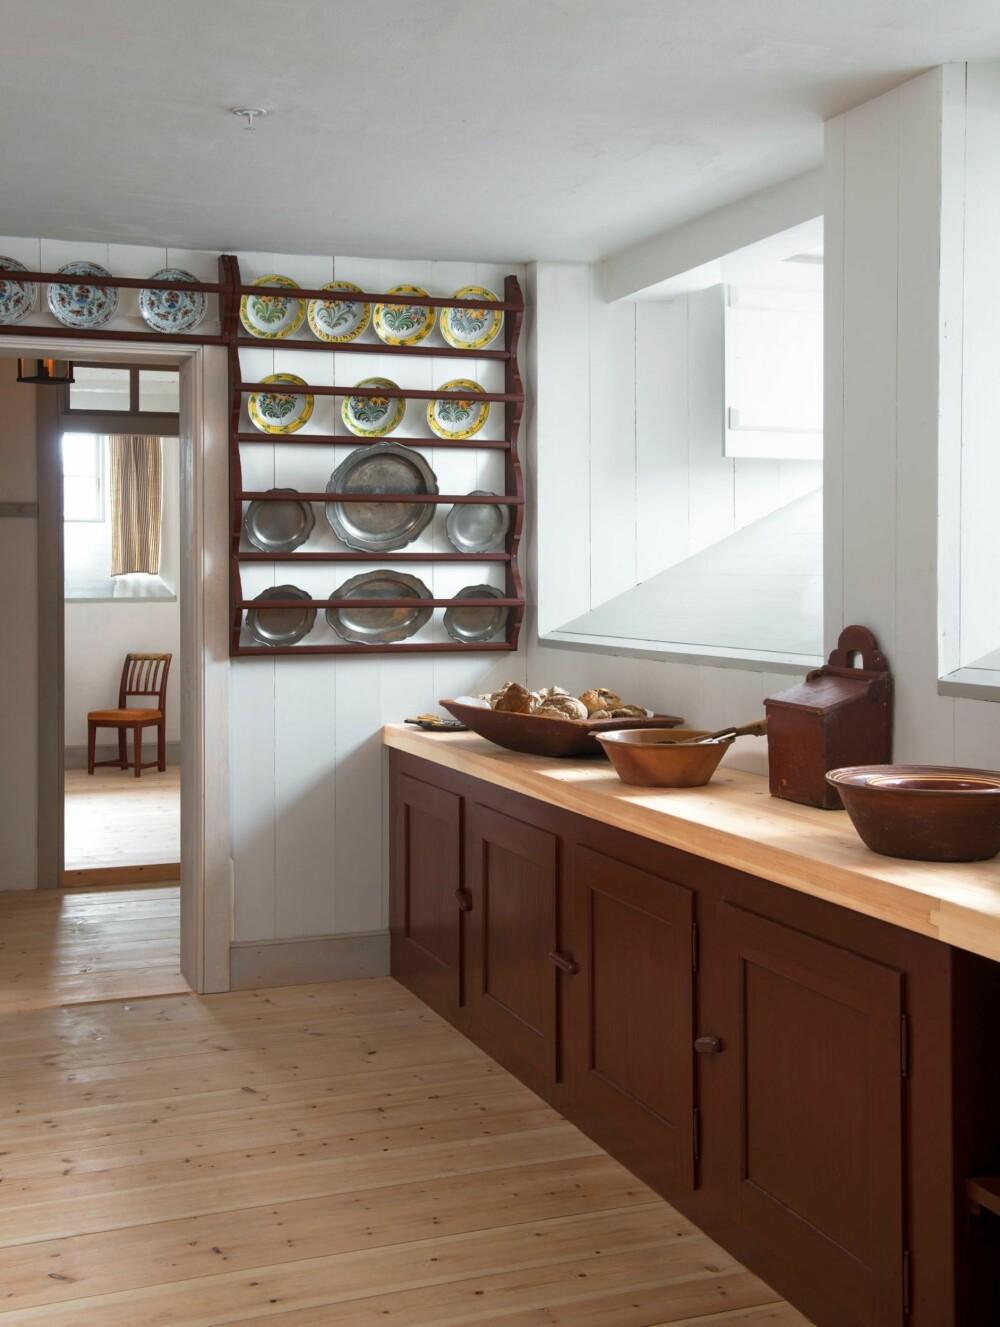 KJØKKENET: Kjøkkenbenkens inndeling er inspirert av benken på gården Brekke ved Skien, og skapdørene er kopier av dem som fantes på Frogner hovedgård i samme periode.